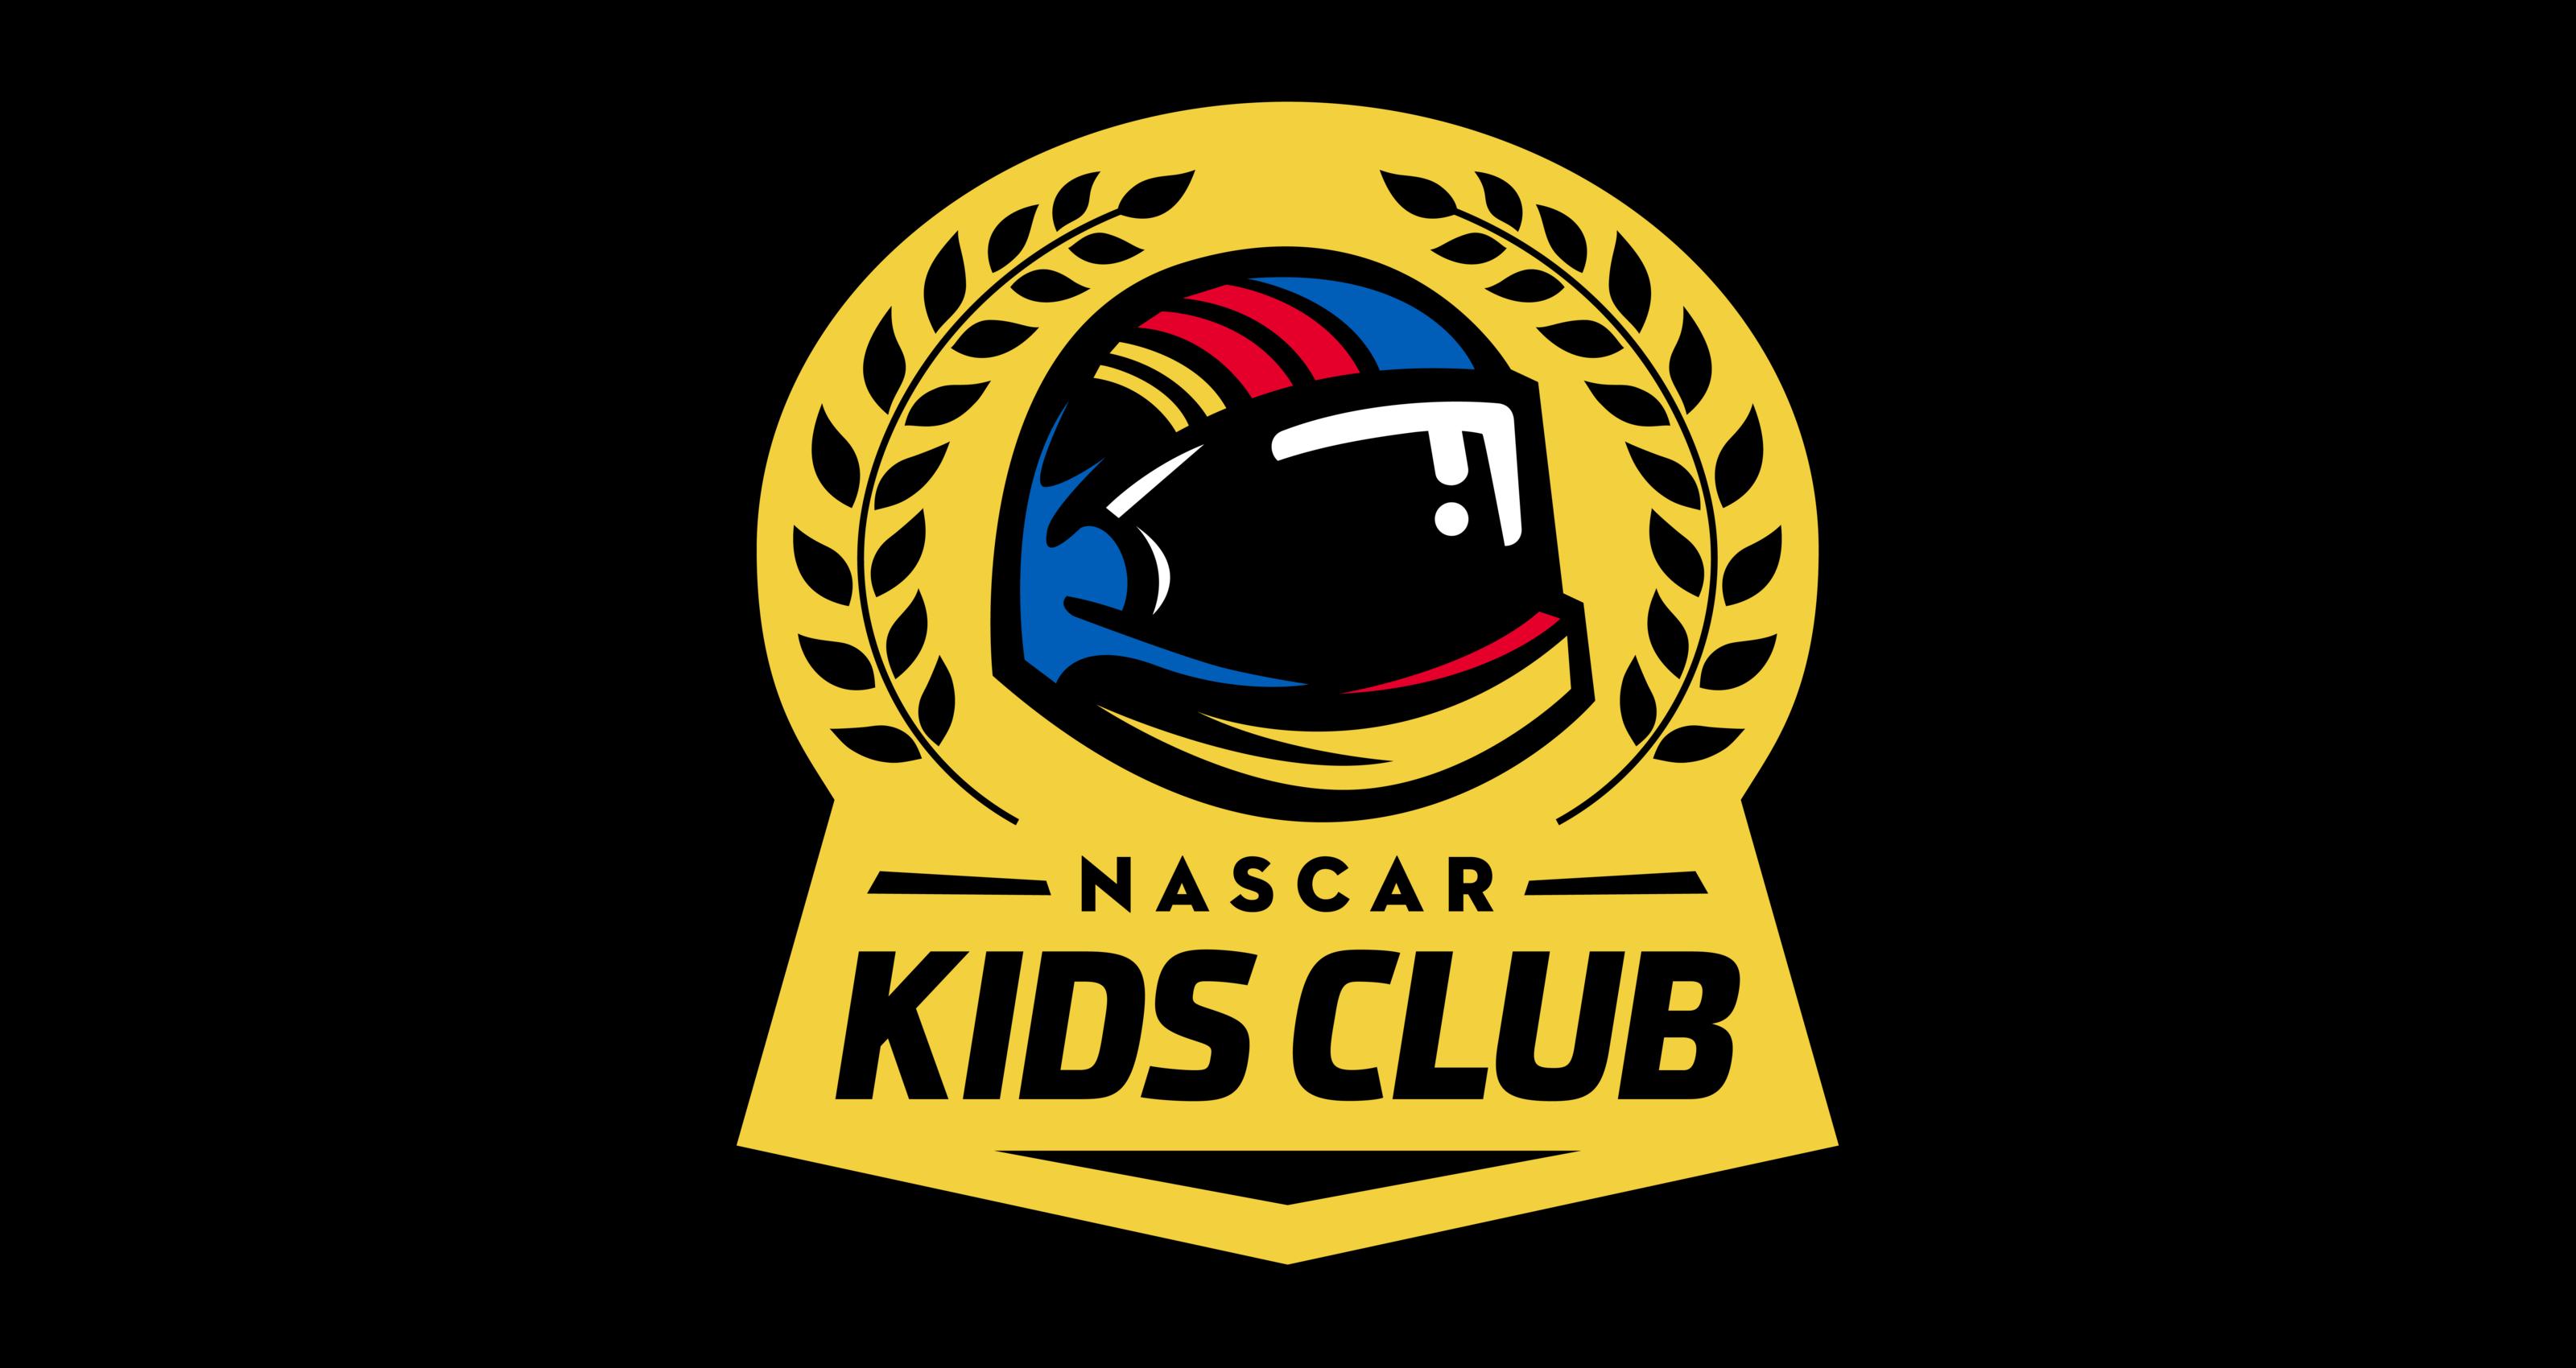 NASCAR Kids Club